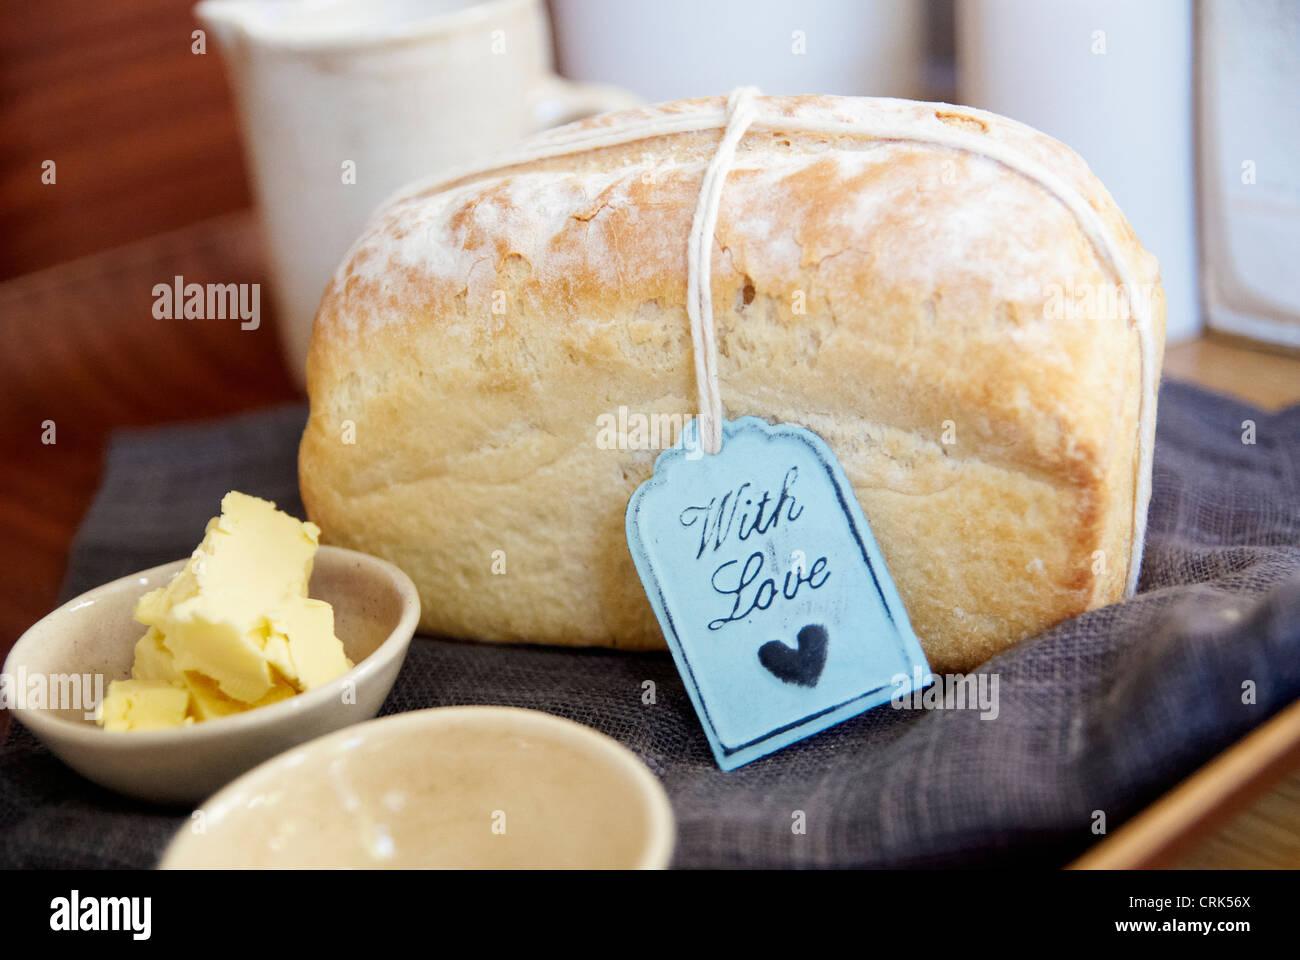 Filone di pane con burro su tela Foto Stock